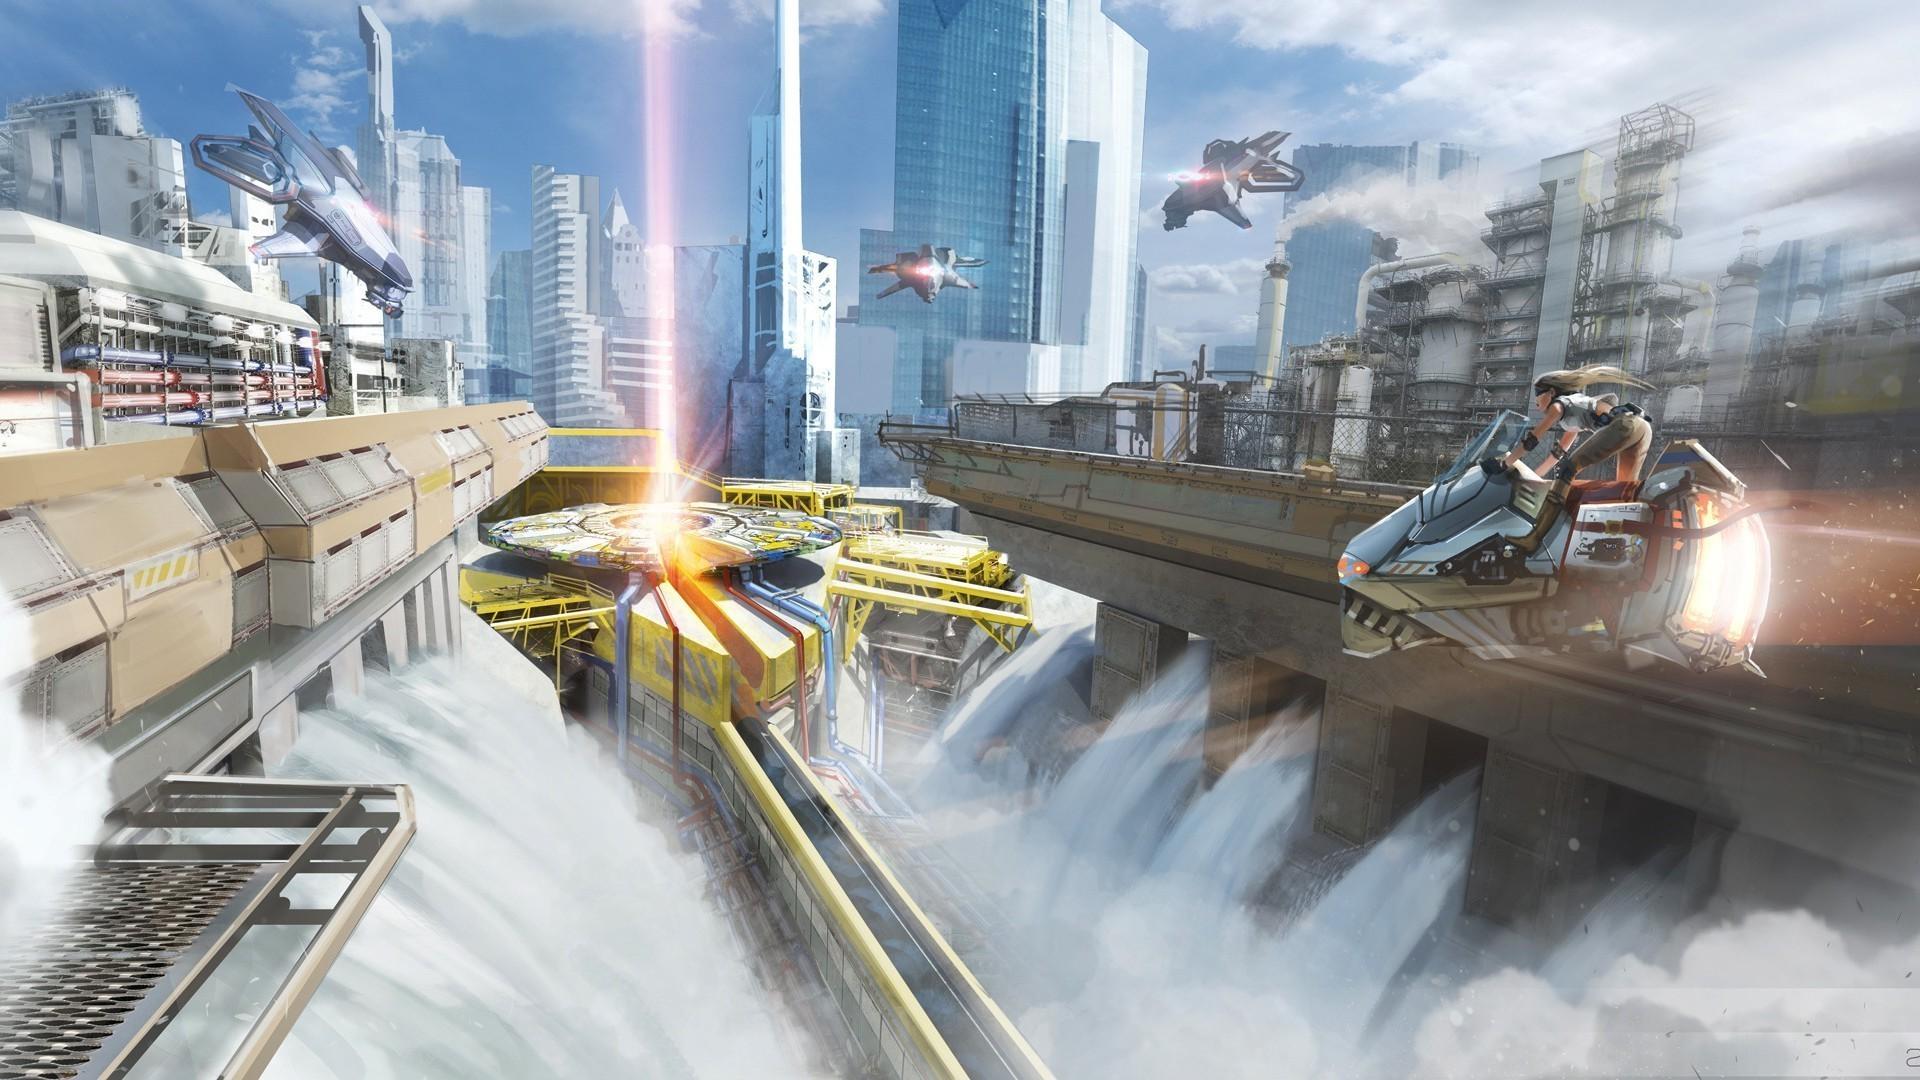 2400x1080 Future Light City Resolution